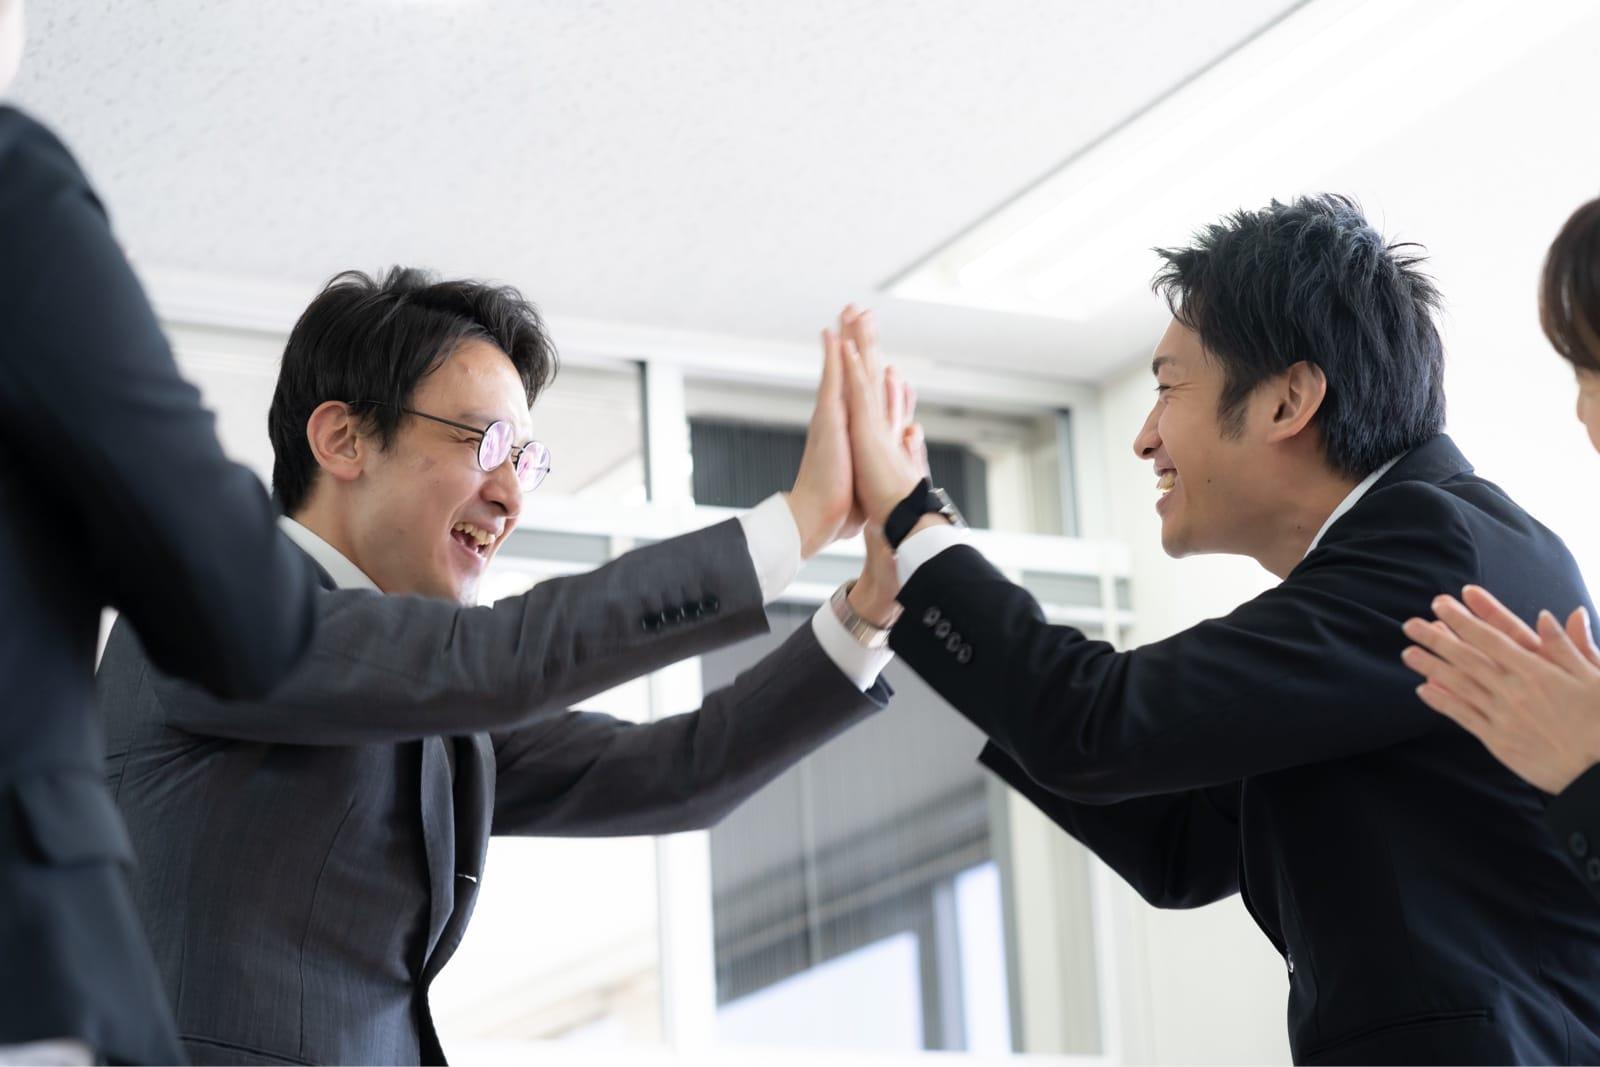 手を合わせて喜ぶビジネスマンたち